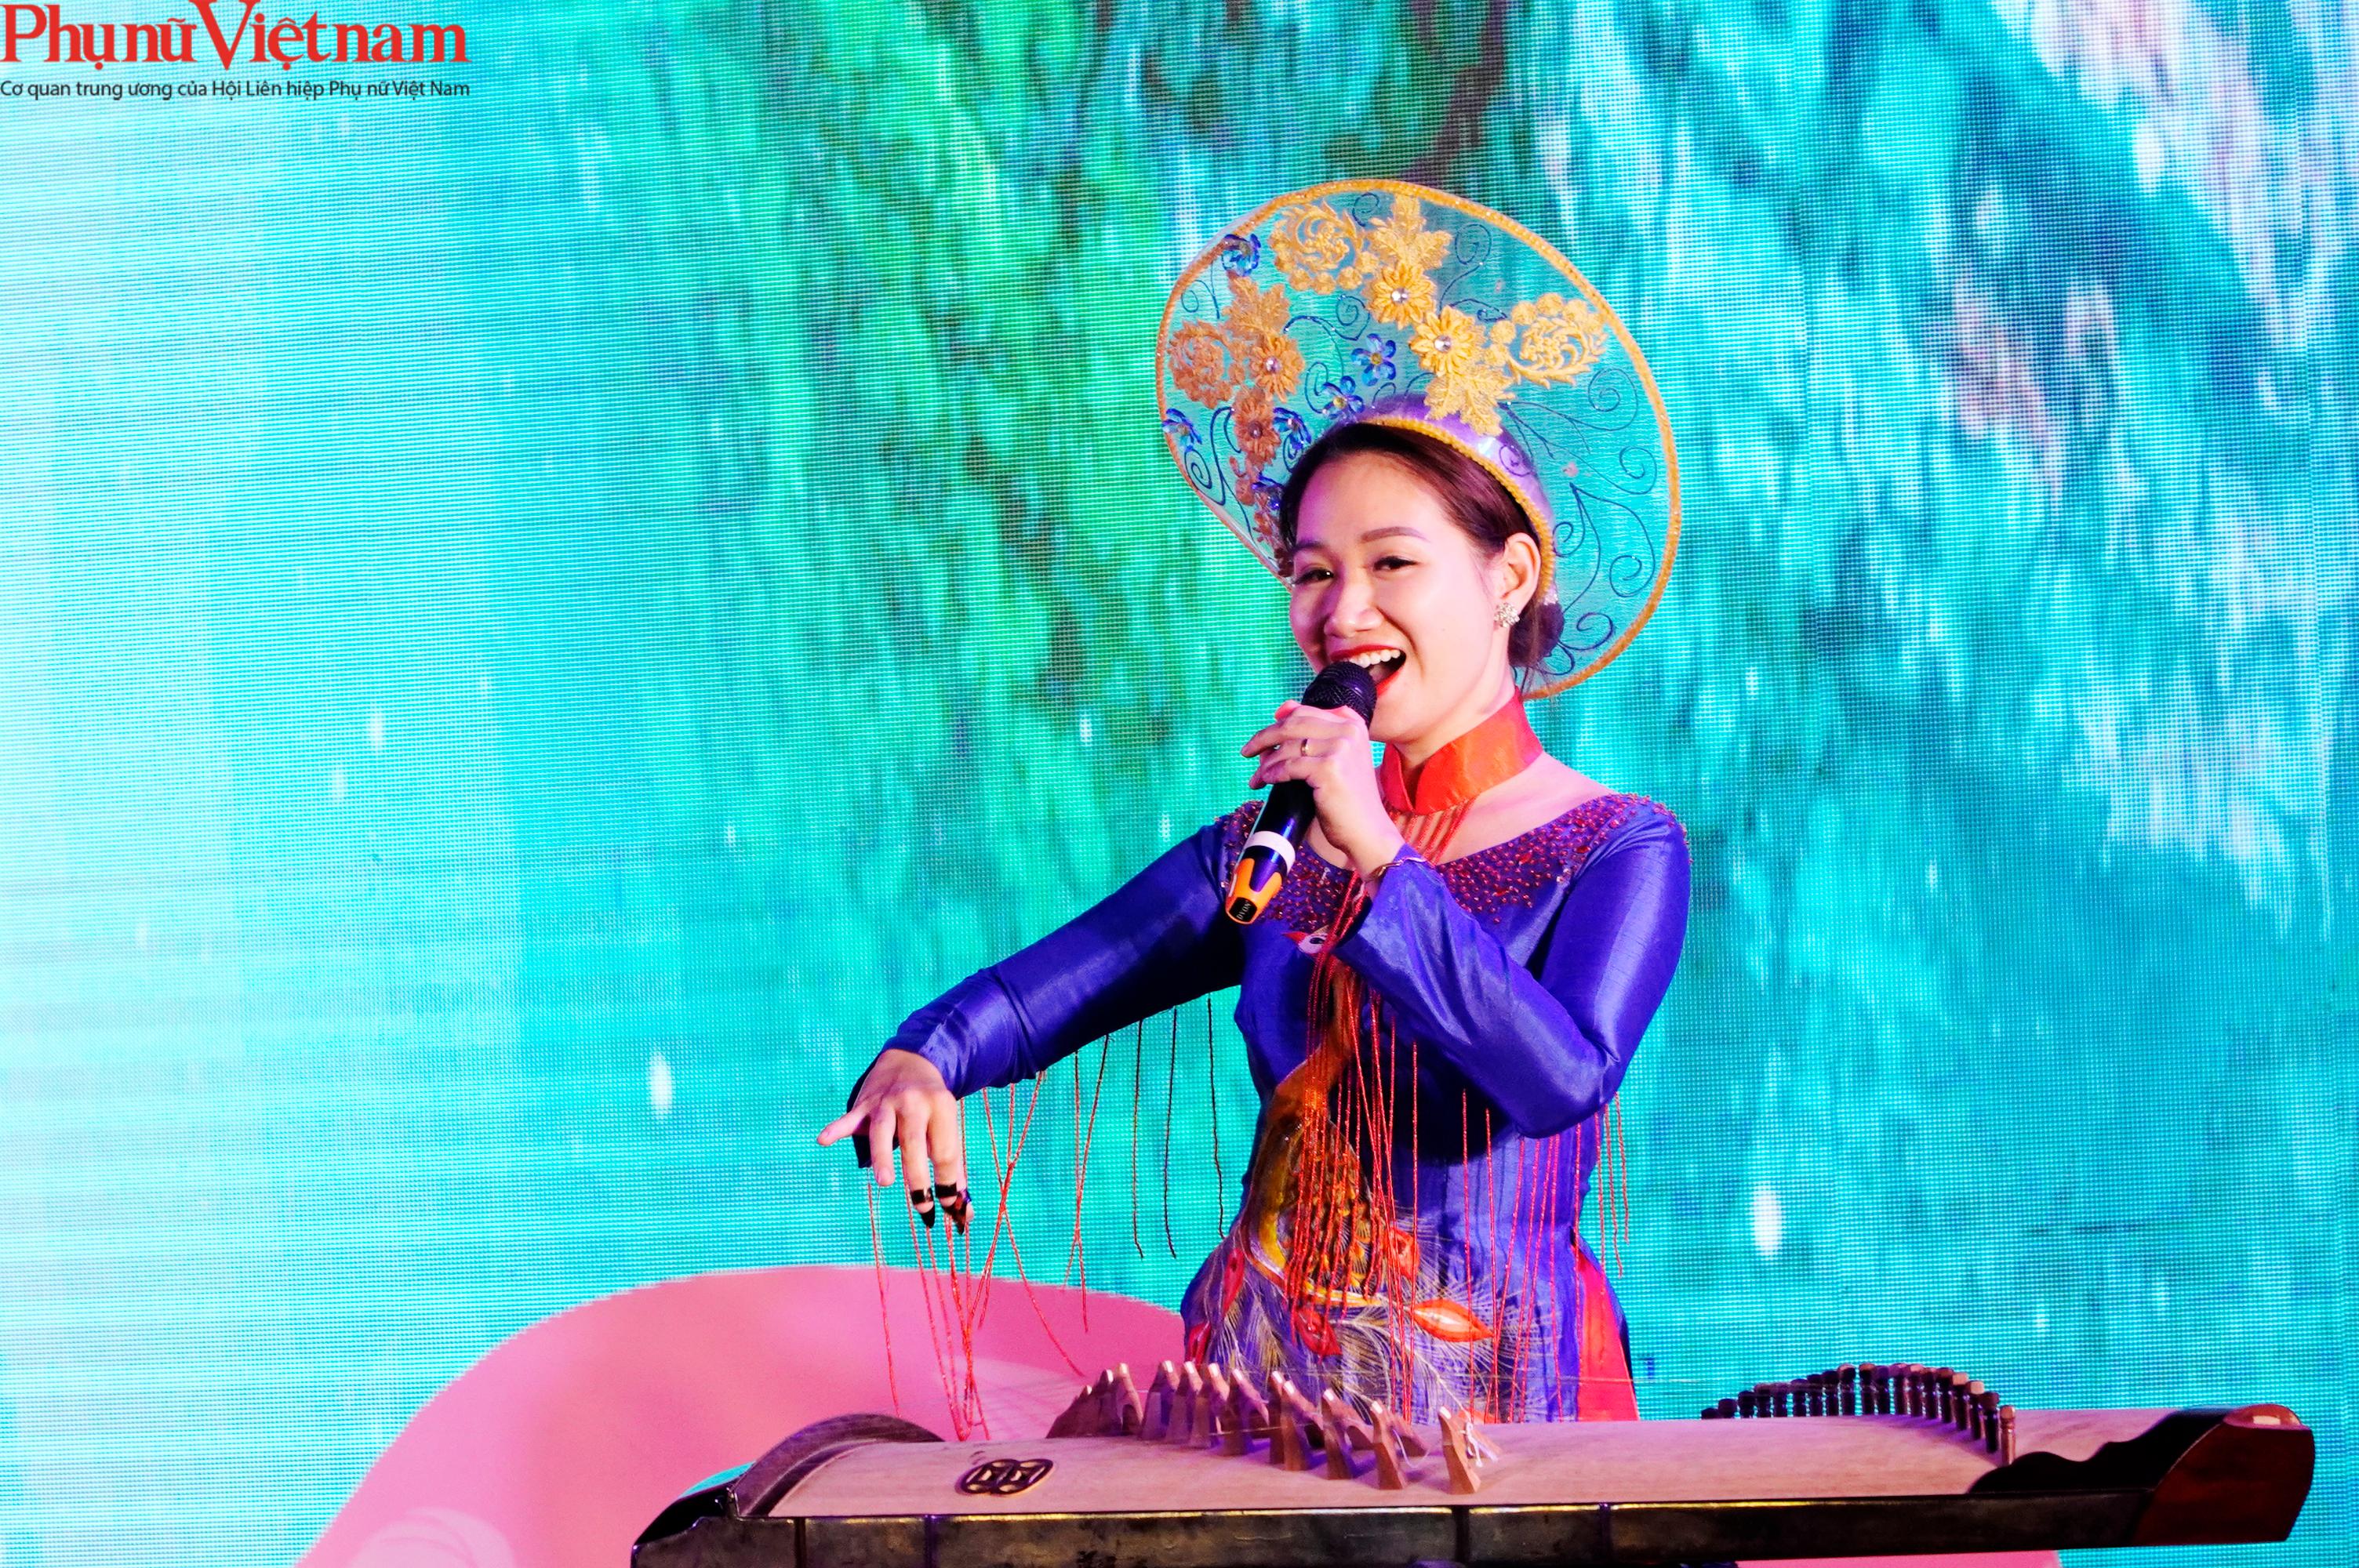 Phụ nữ Hà Nội giao lưu văn hóa, du lịch và sản phẩm sáng tạo với các tỉnh thành thuộc Đồng bằng sông Hồng - Ảnh 9.